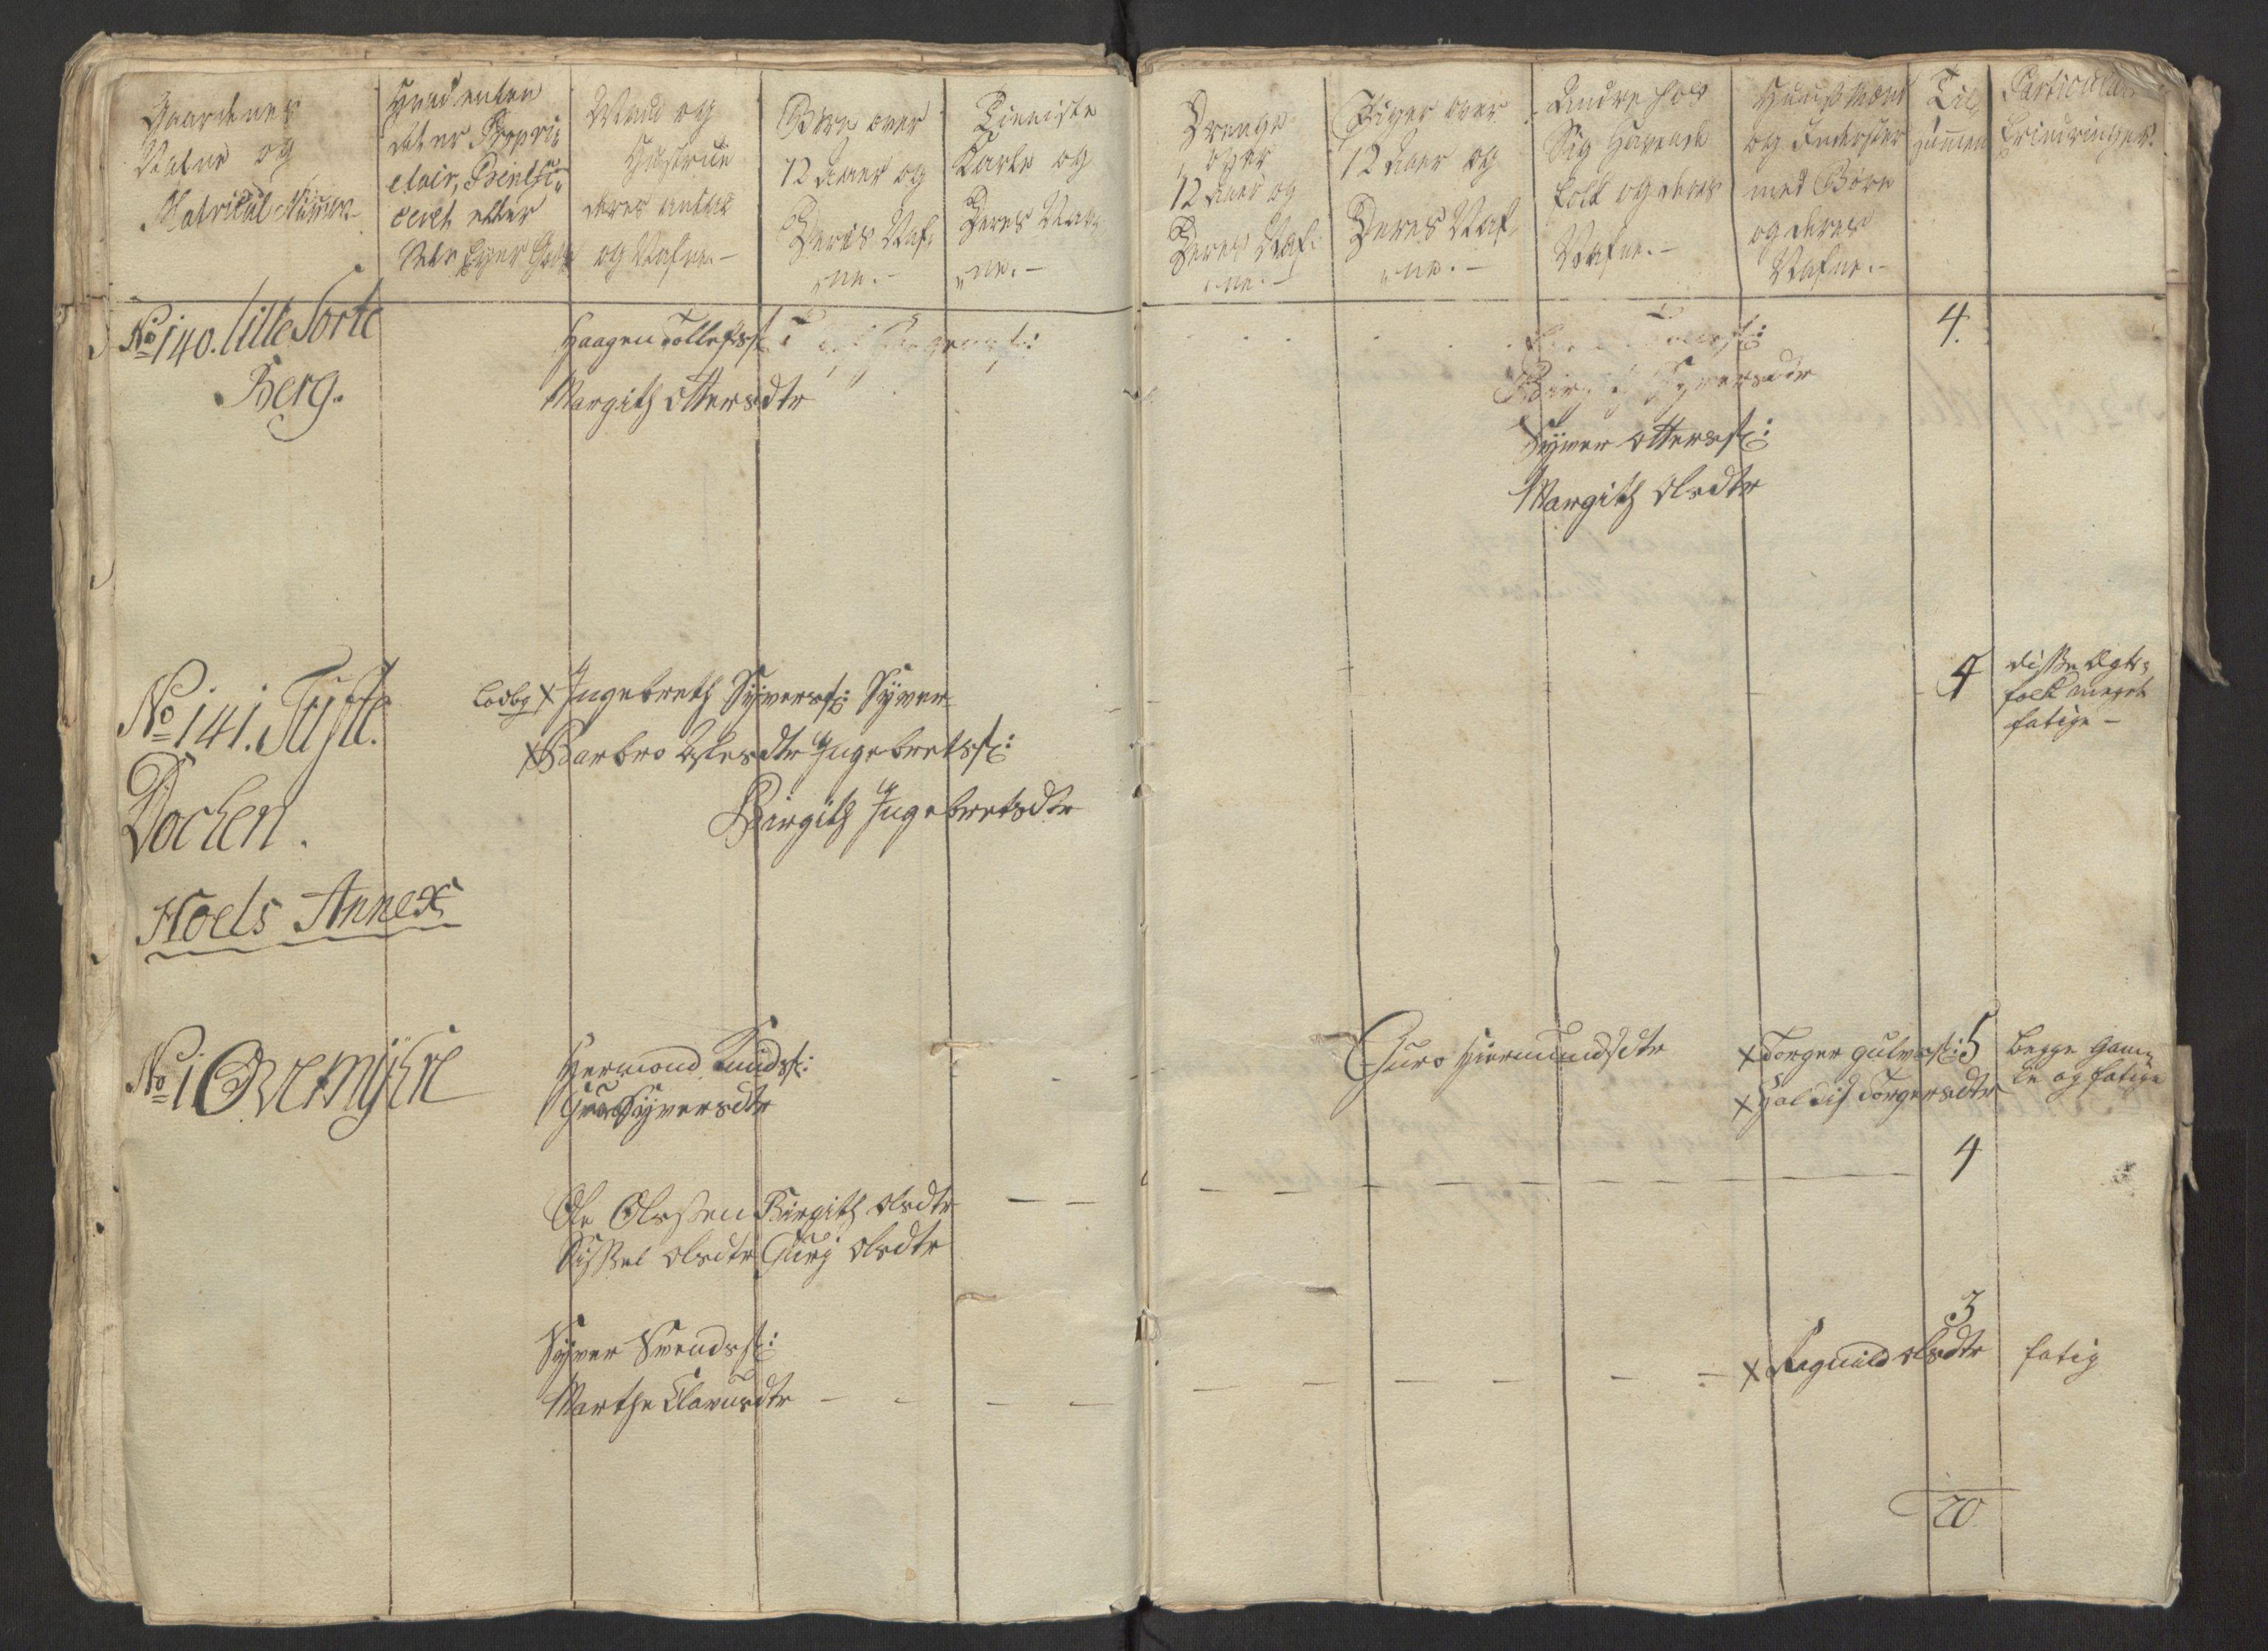 RA, Rentekammeret inntil 1814, Reviderte regnskaper, Fogderegnskap, R23/L1565: Ekstraskatten Ringerike og Hallingdal, 1762-1763, s. 66